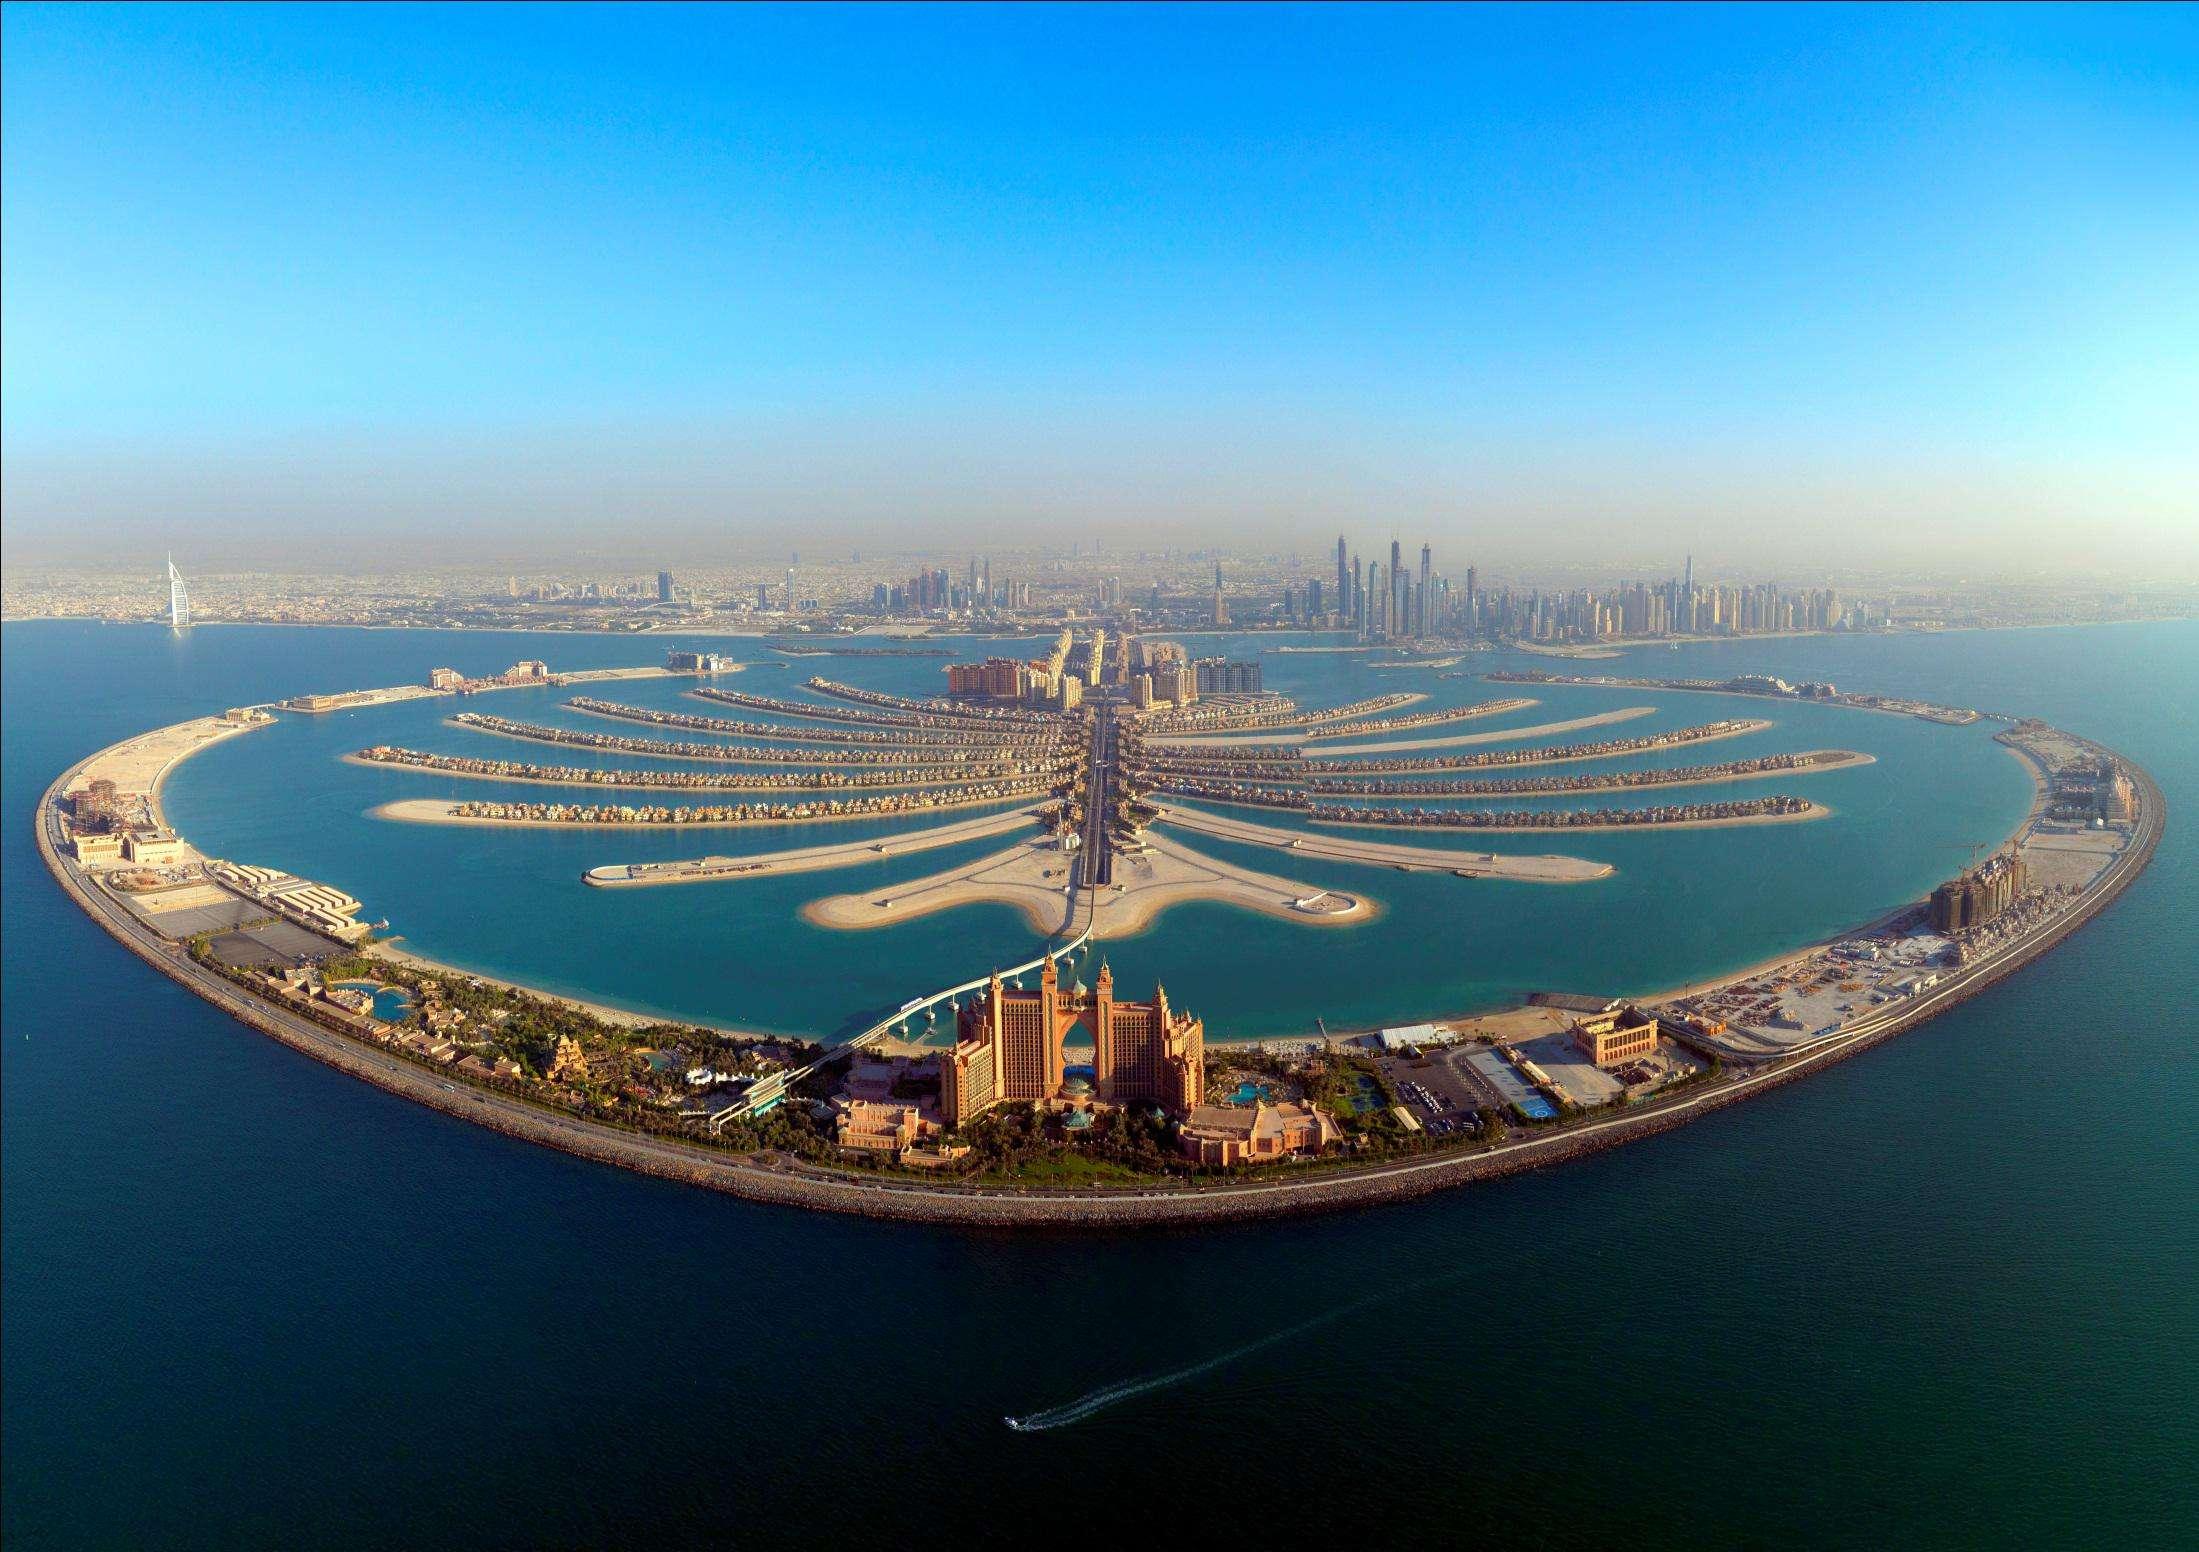 震撼!像钢铁侠一样在迪拜上空翱翔是什么体验?